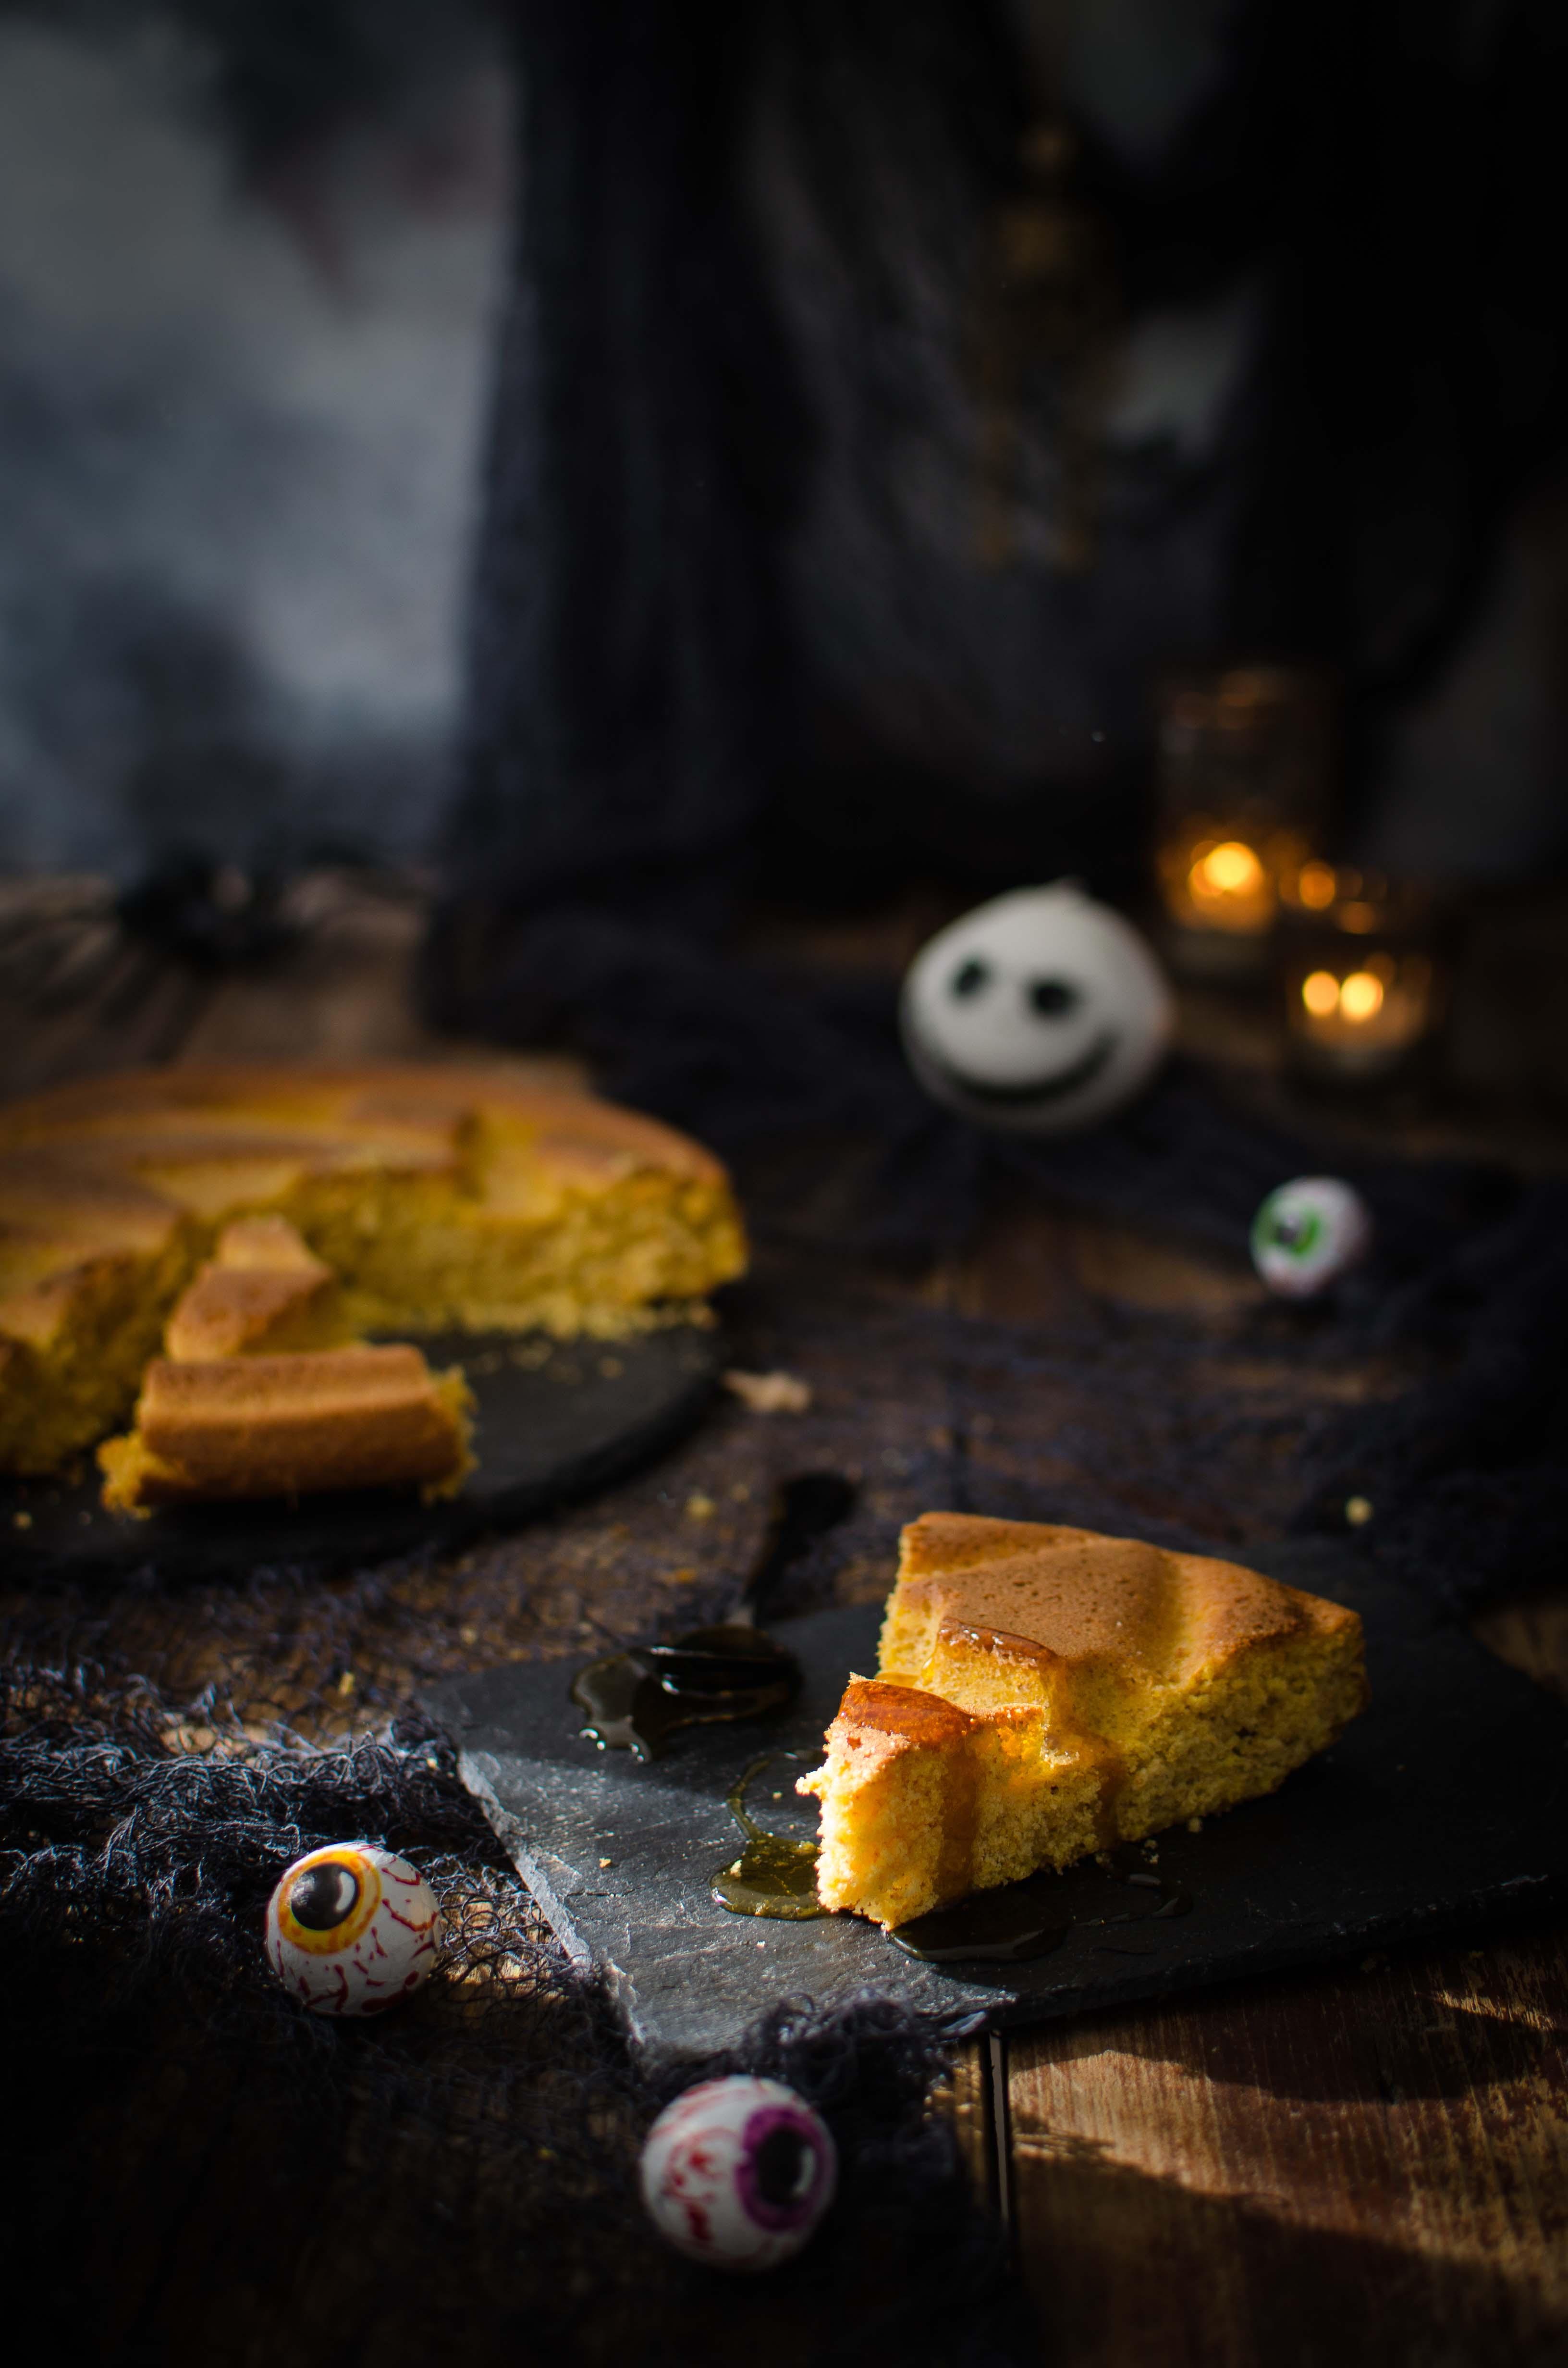 torta-di-zucca-golden-syrup Torta di zucca con golden syrup